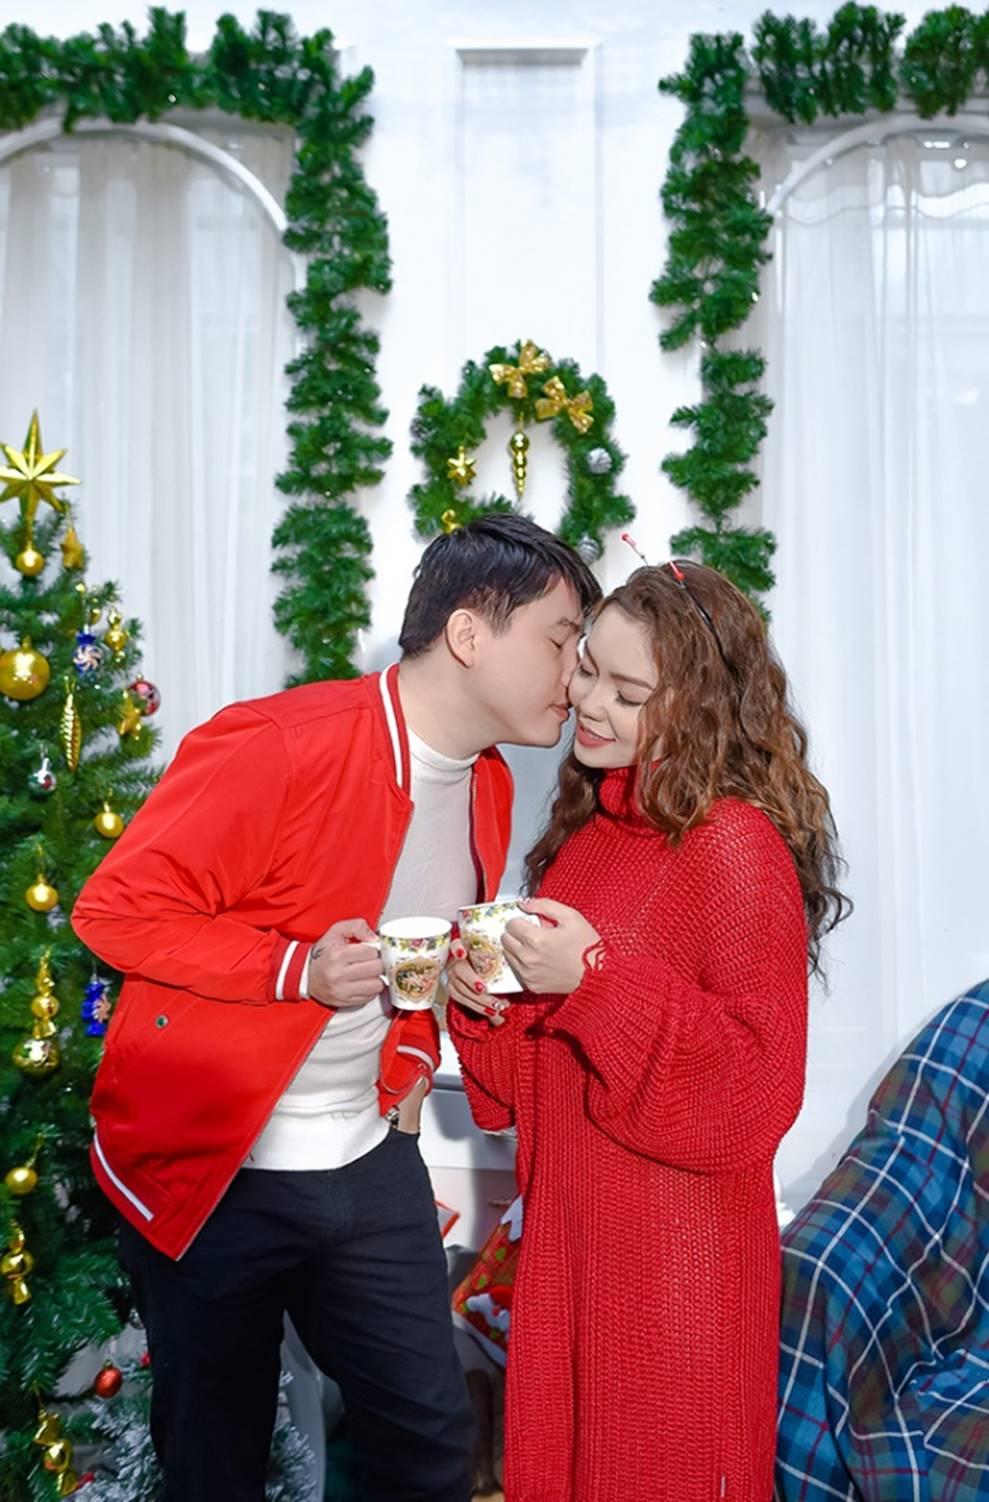 Ngọc Anh tình tứ cùng bạn trai tin đồn ít tuổi trong bộ ảnh Giáng sinh-3